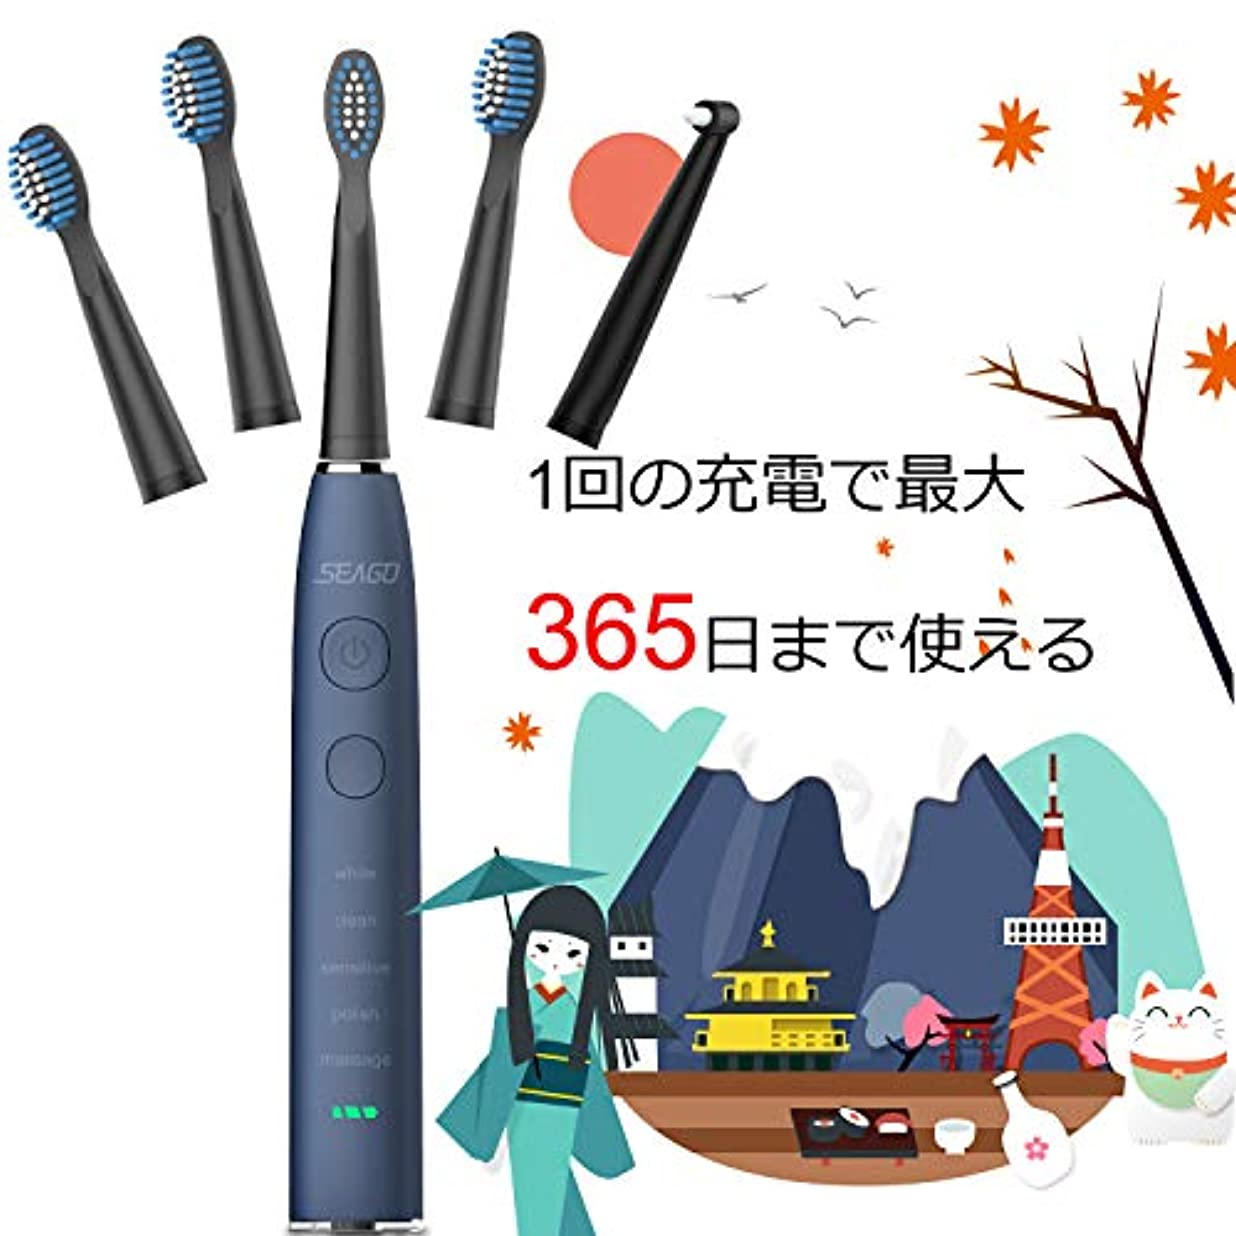 サイクロプス定期的に頬電動歯ブラシ 歯ブラシ seago 音波歯ブラシ USB充電式8時間 365日に使用 IPX7防水 五つモードと2分オートタイマー機能搭載 替えブラシ5本 12ヶ月メーカー保証 SG-575(ブルー)